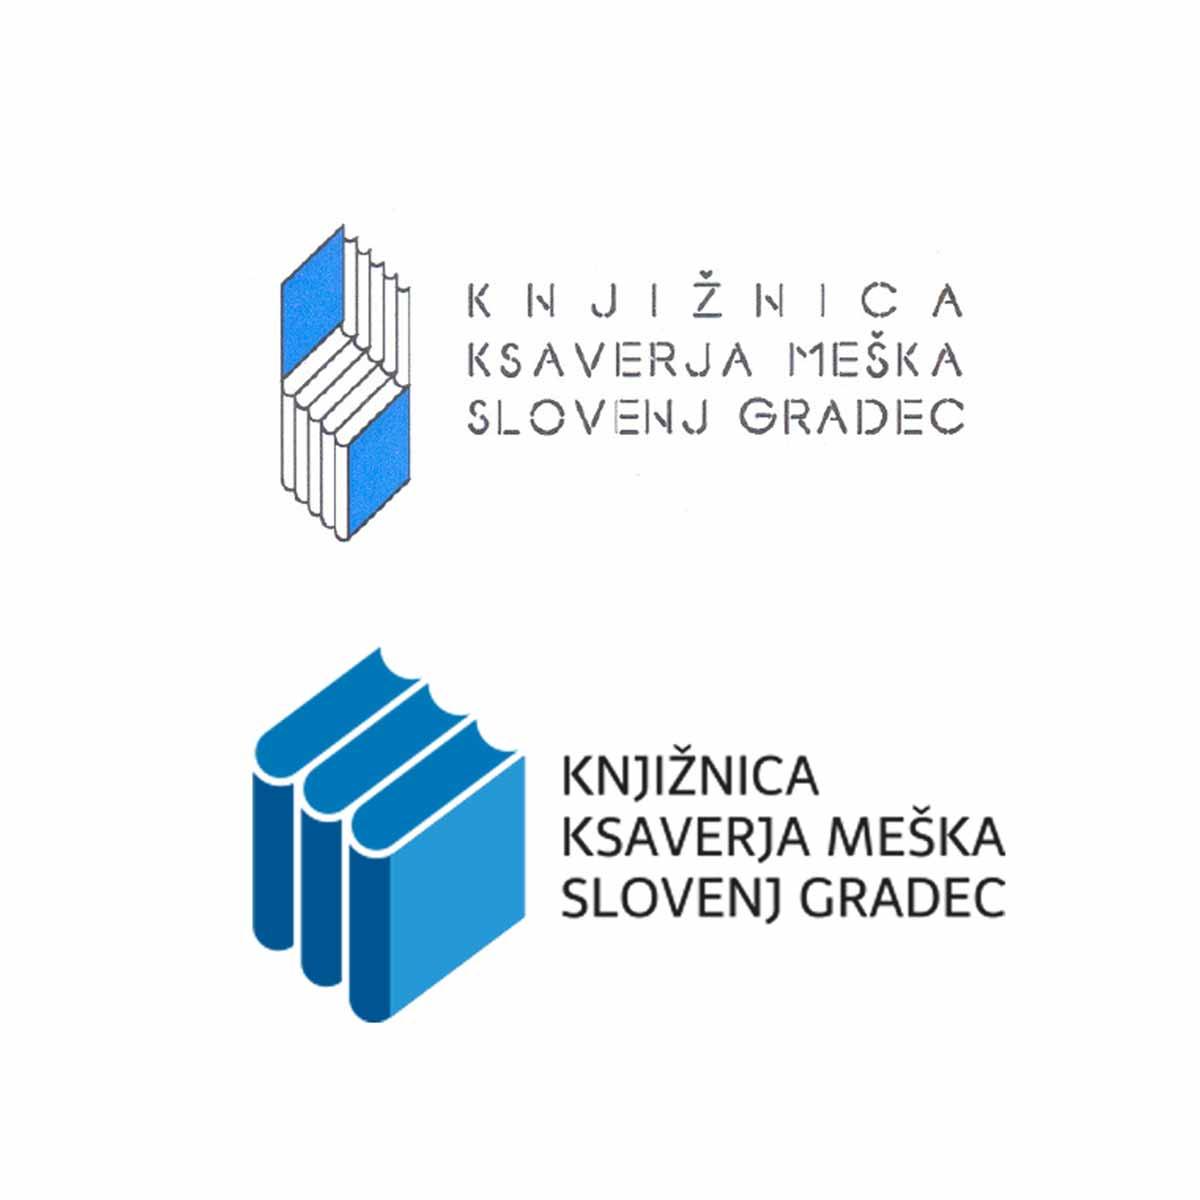 Revolver oblikovanje: Knjižnica Ksaverja Meška Slovenj Gradec - logotip